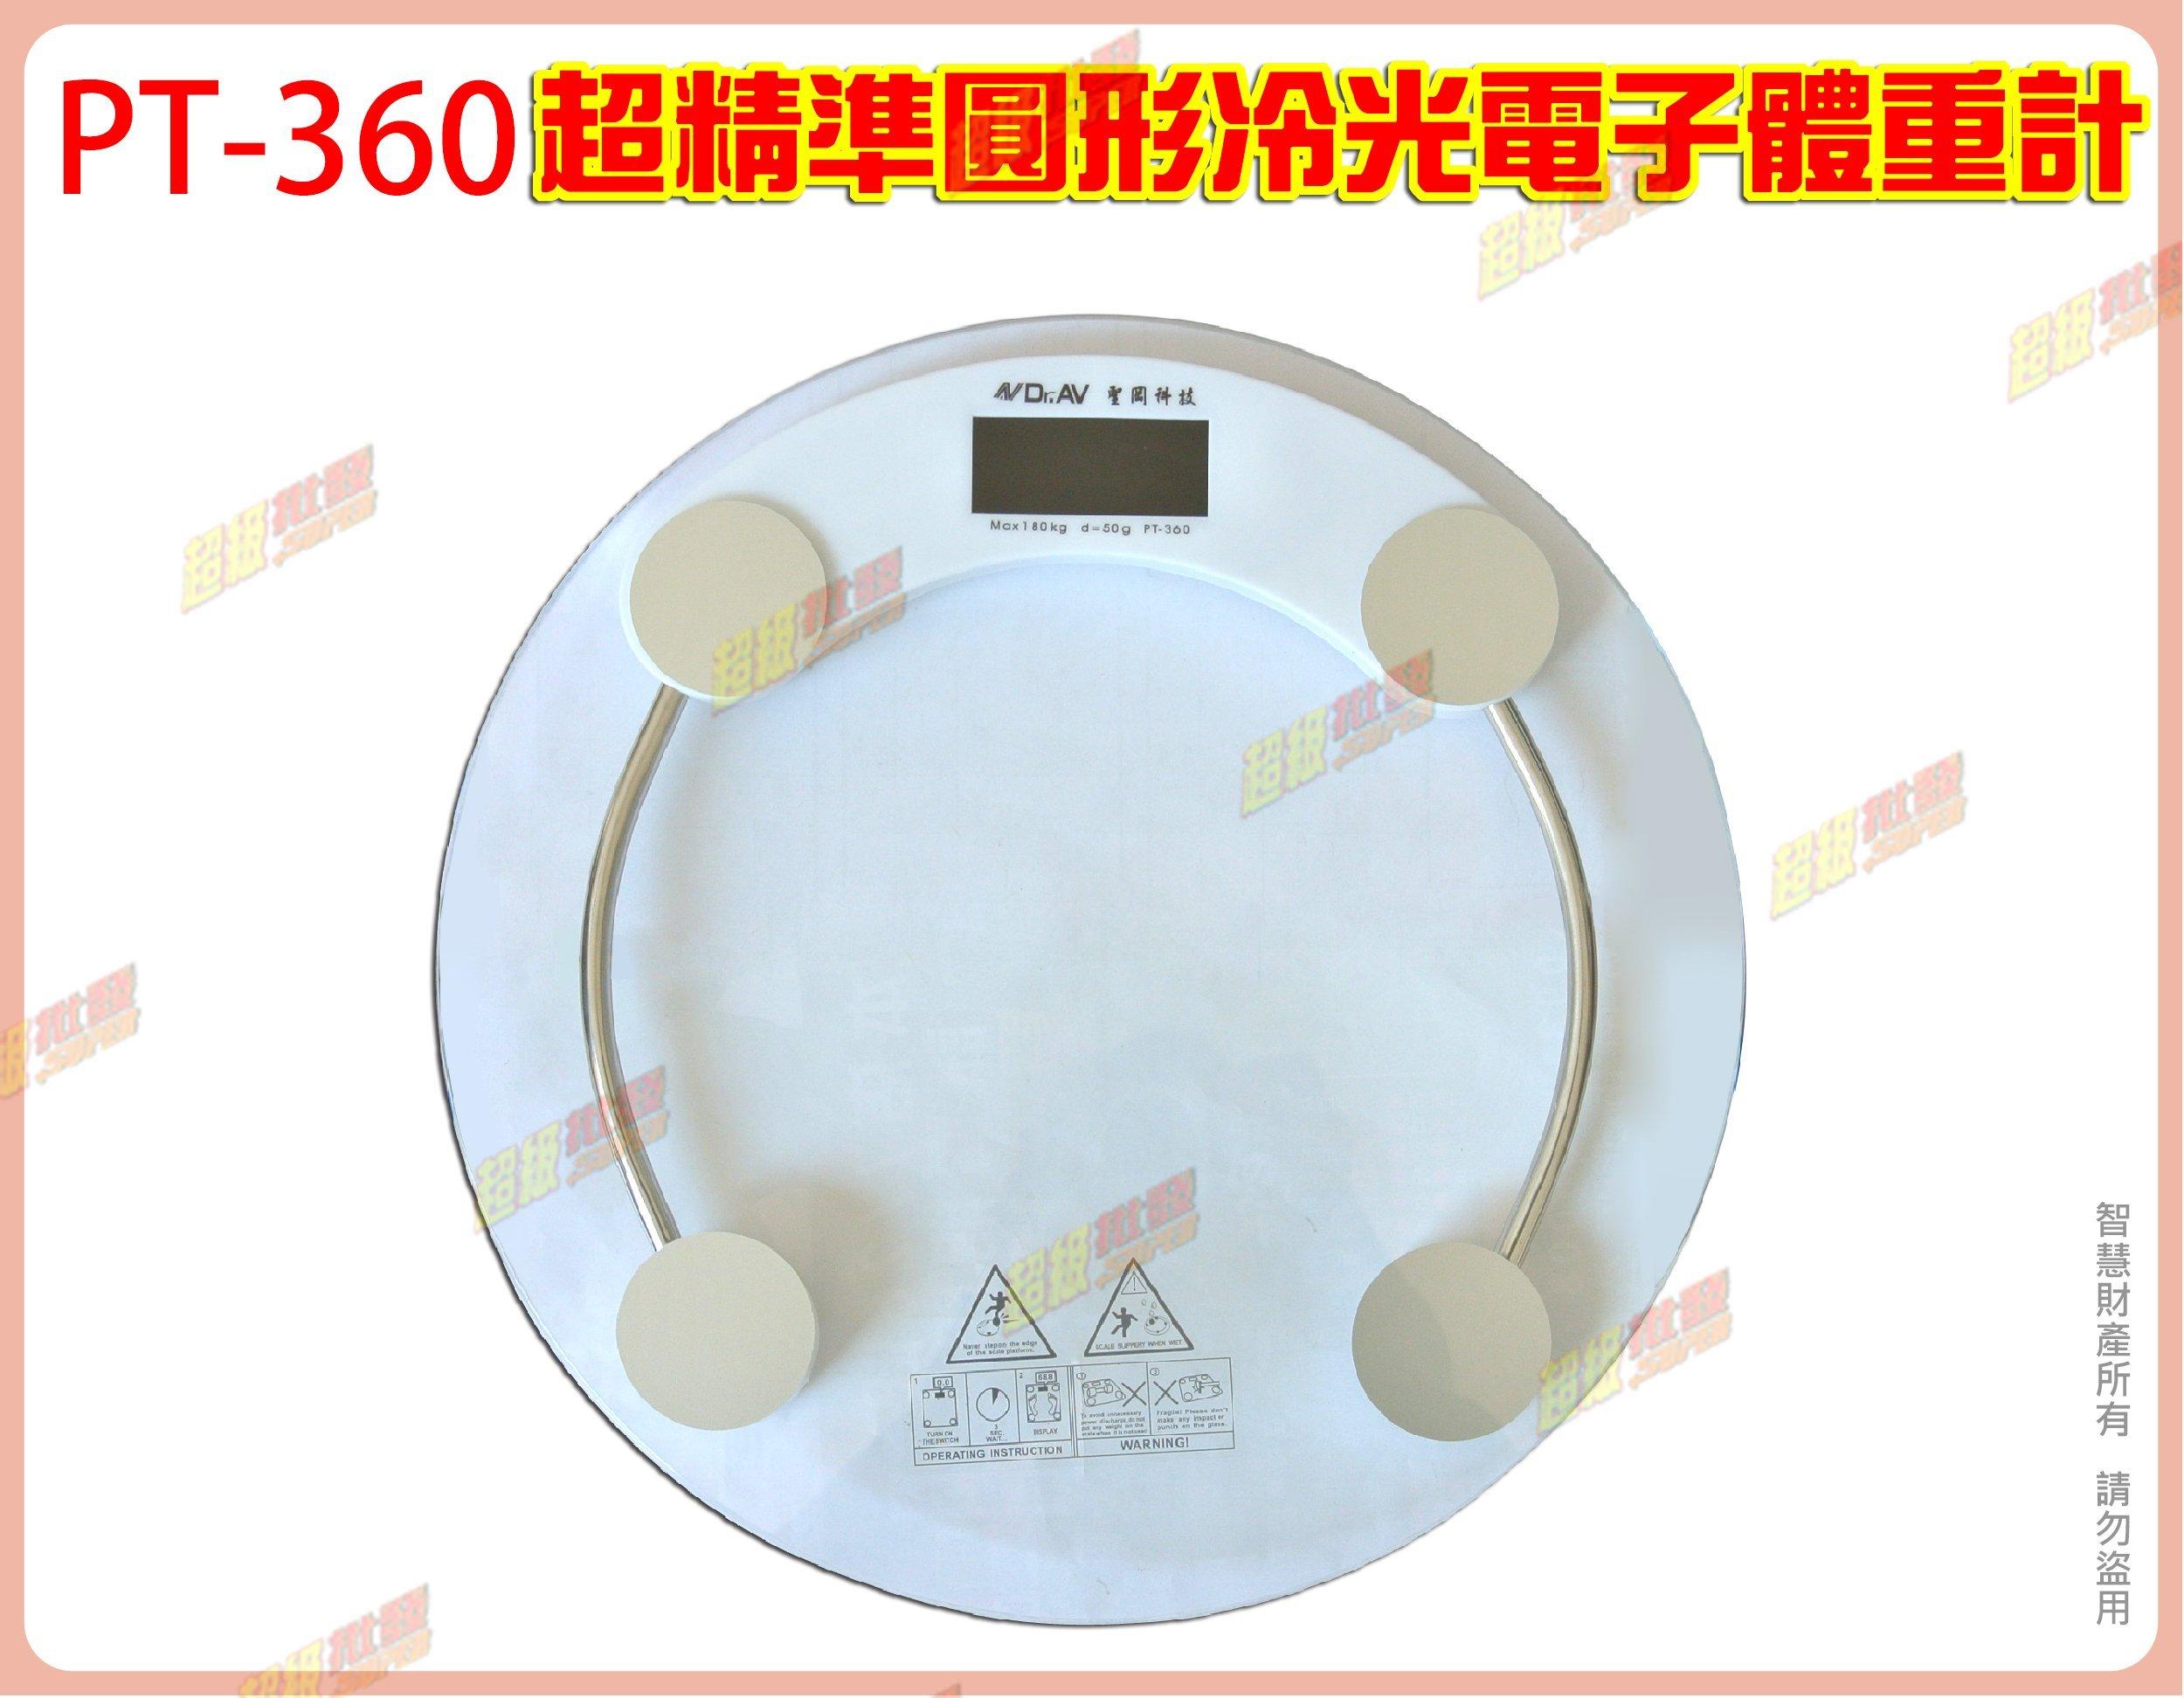 ◎超級 ◎聖岡 PT-360 超精準圓形冷光電子體重計 人體秤 電子秤 體重秤 強化玻璃 液晶顯示( 價9折)